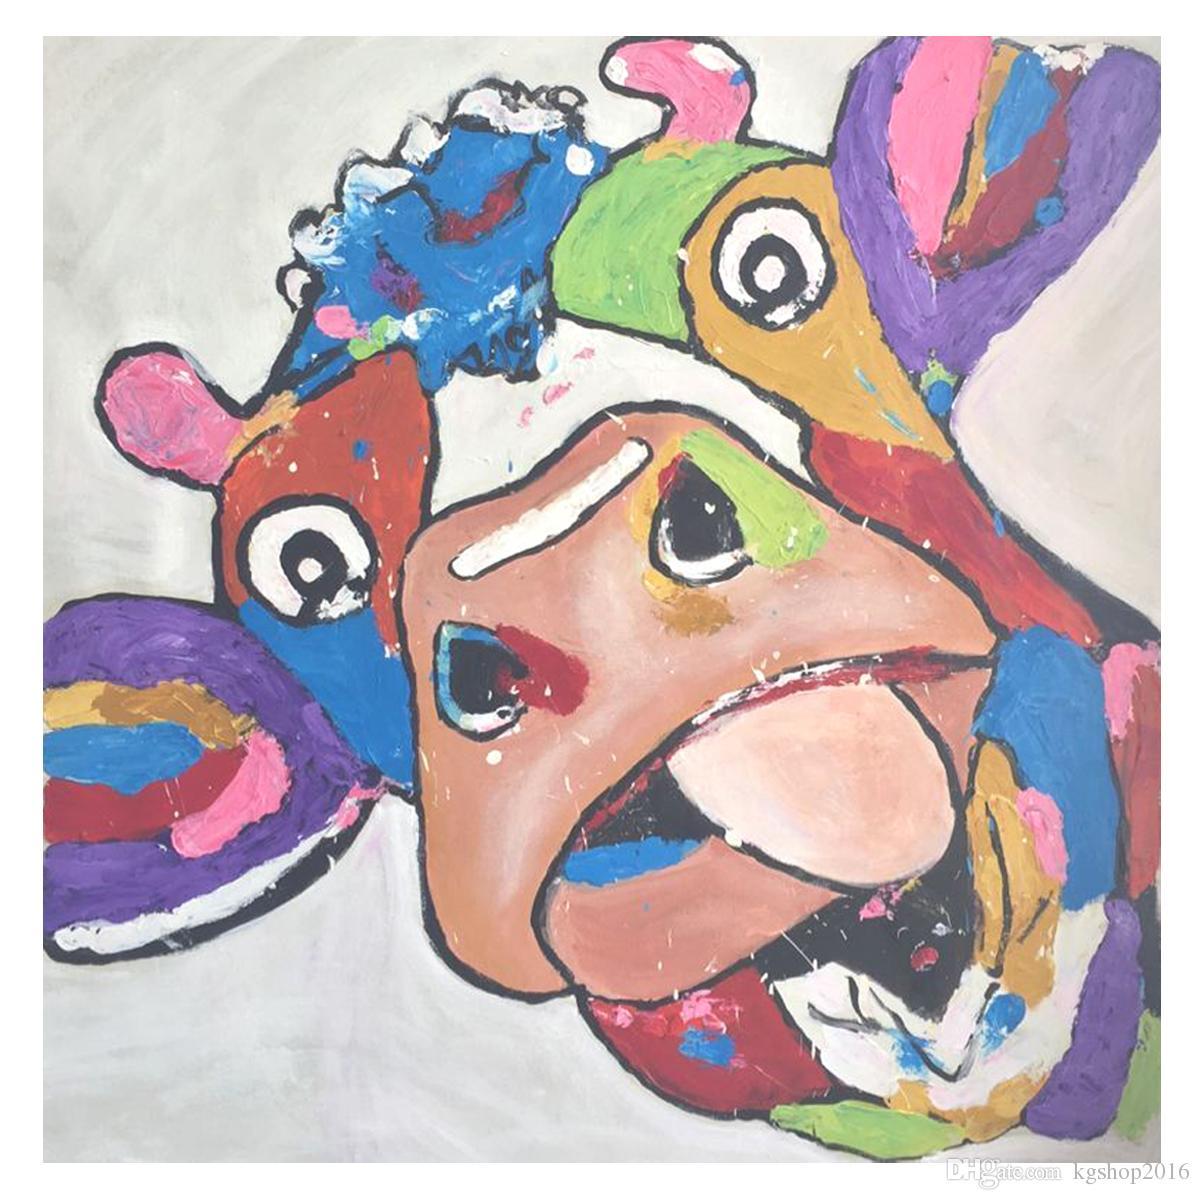 Sanatçı El Yapımı Boyama Dokulu Yapıt Pop Sanat Inek Kafası Tuval Duvar Dekor Yok çerçeve 28x28 Inç Duvar Sanatı